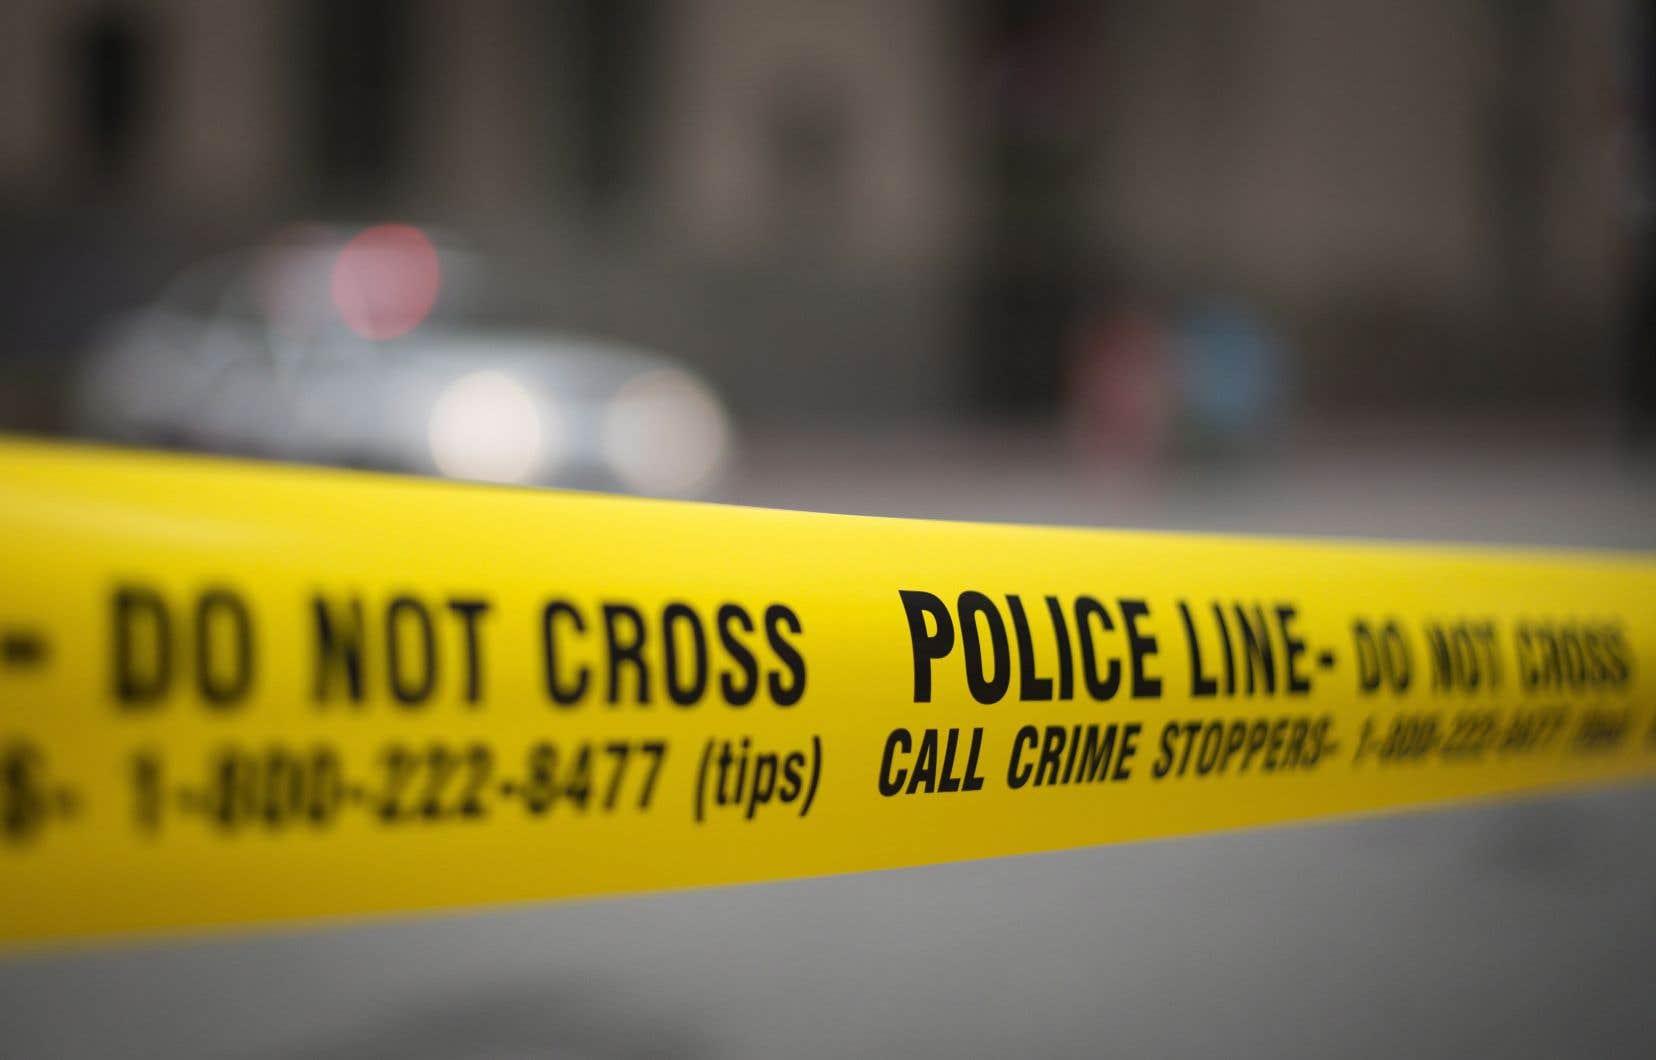 <p>La Chang School de l'Université Ryerson était fermée mardi pour une enquête policière, et l'Université de l'École d'art et de design de l'Ontario a déclaré que tous ses bâtiments avaient été évacués et resteraient fermés jusqu'à nouvel ordre.</p>